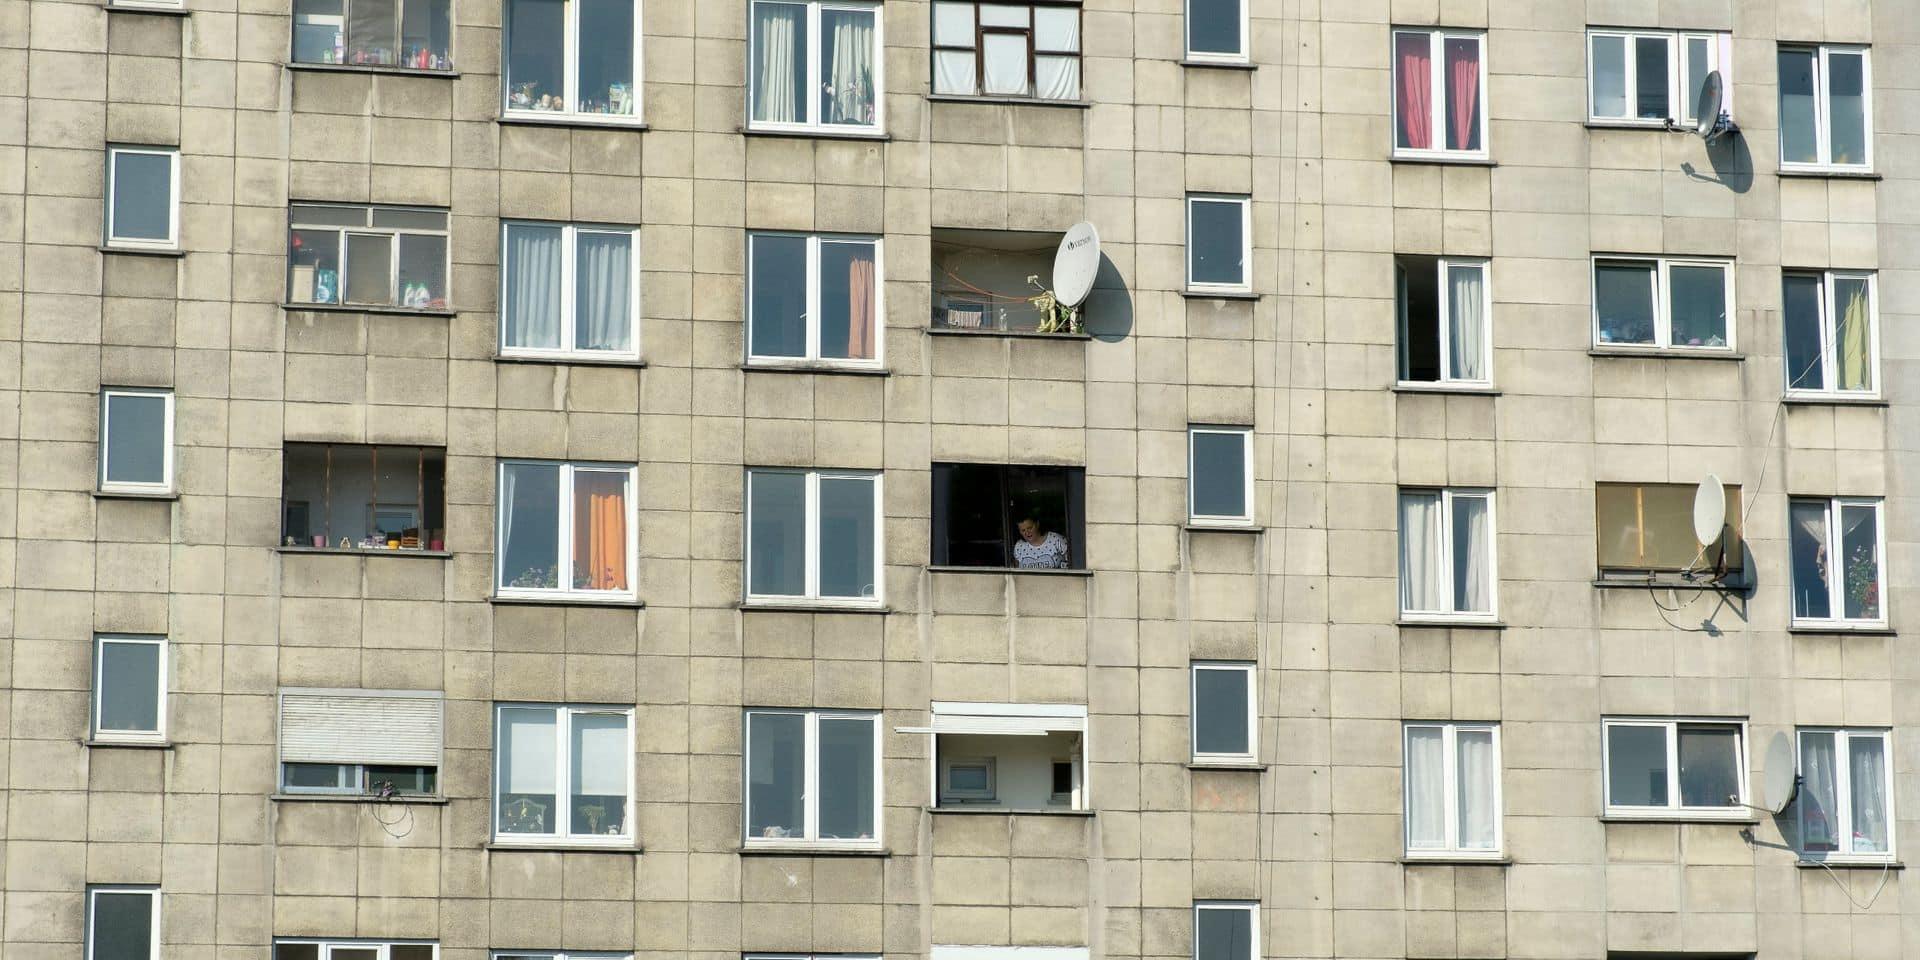 Un dixième de la population bruxelloise est en attente d'un logement social